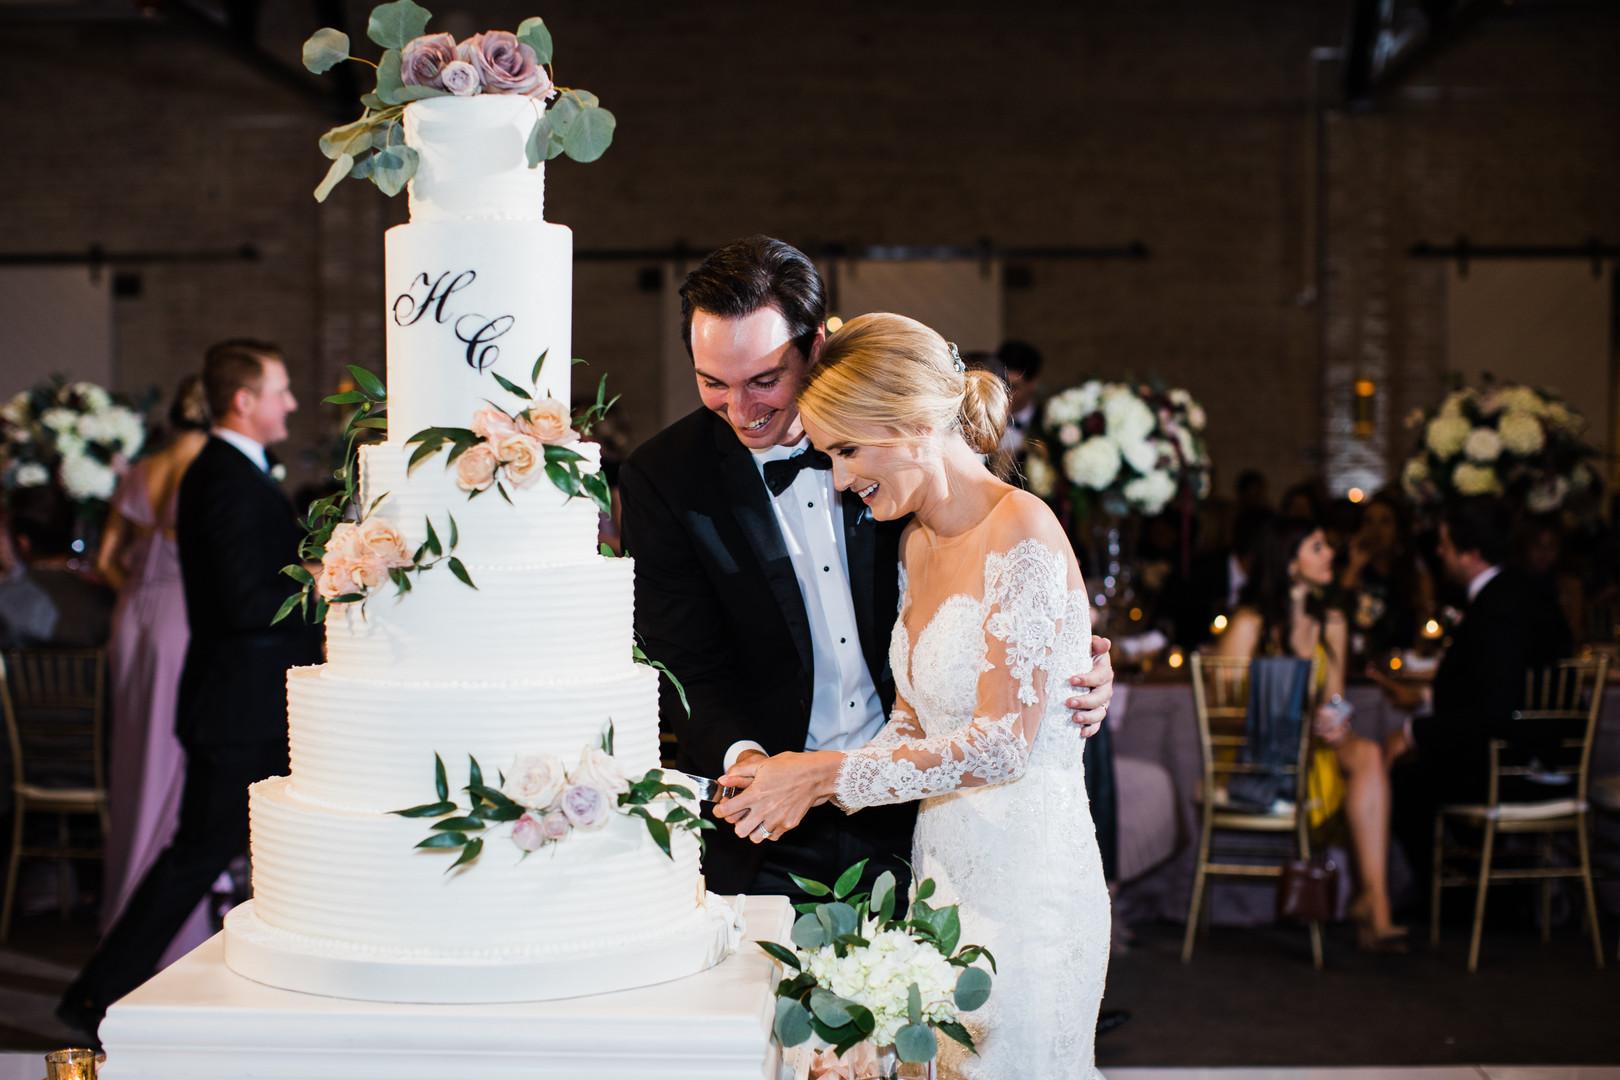 LUCAS WEDDING - MARISSA CRIBBS PHOTOGRAP